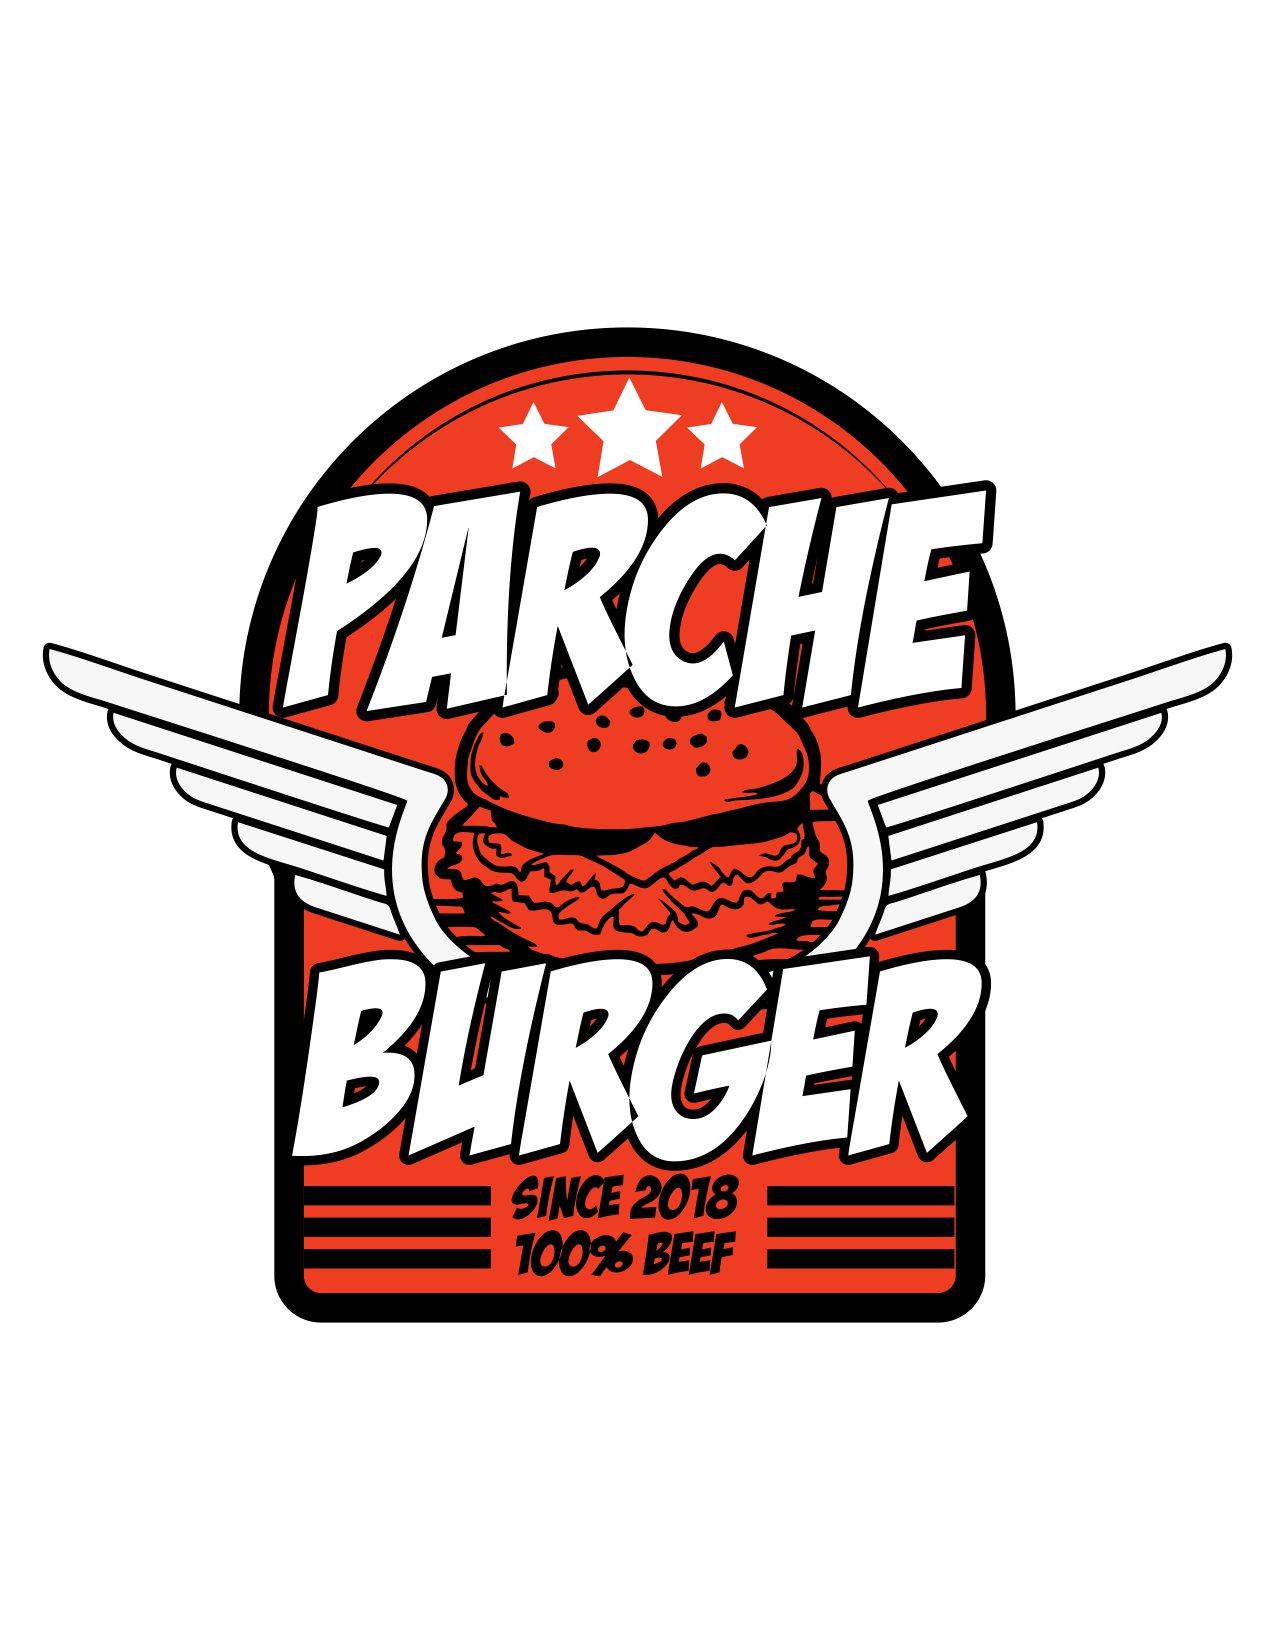 Parche Burger